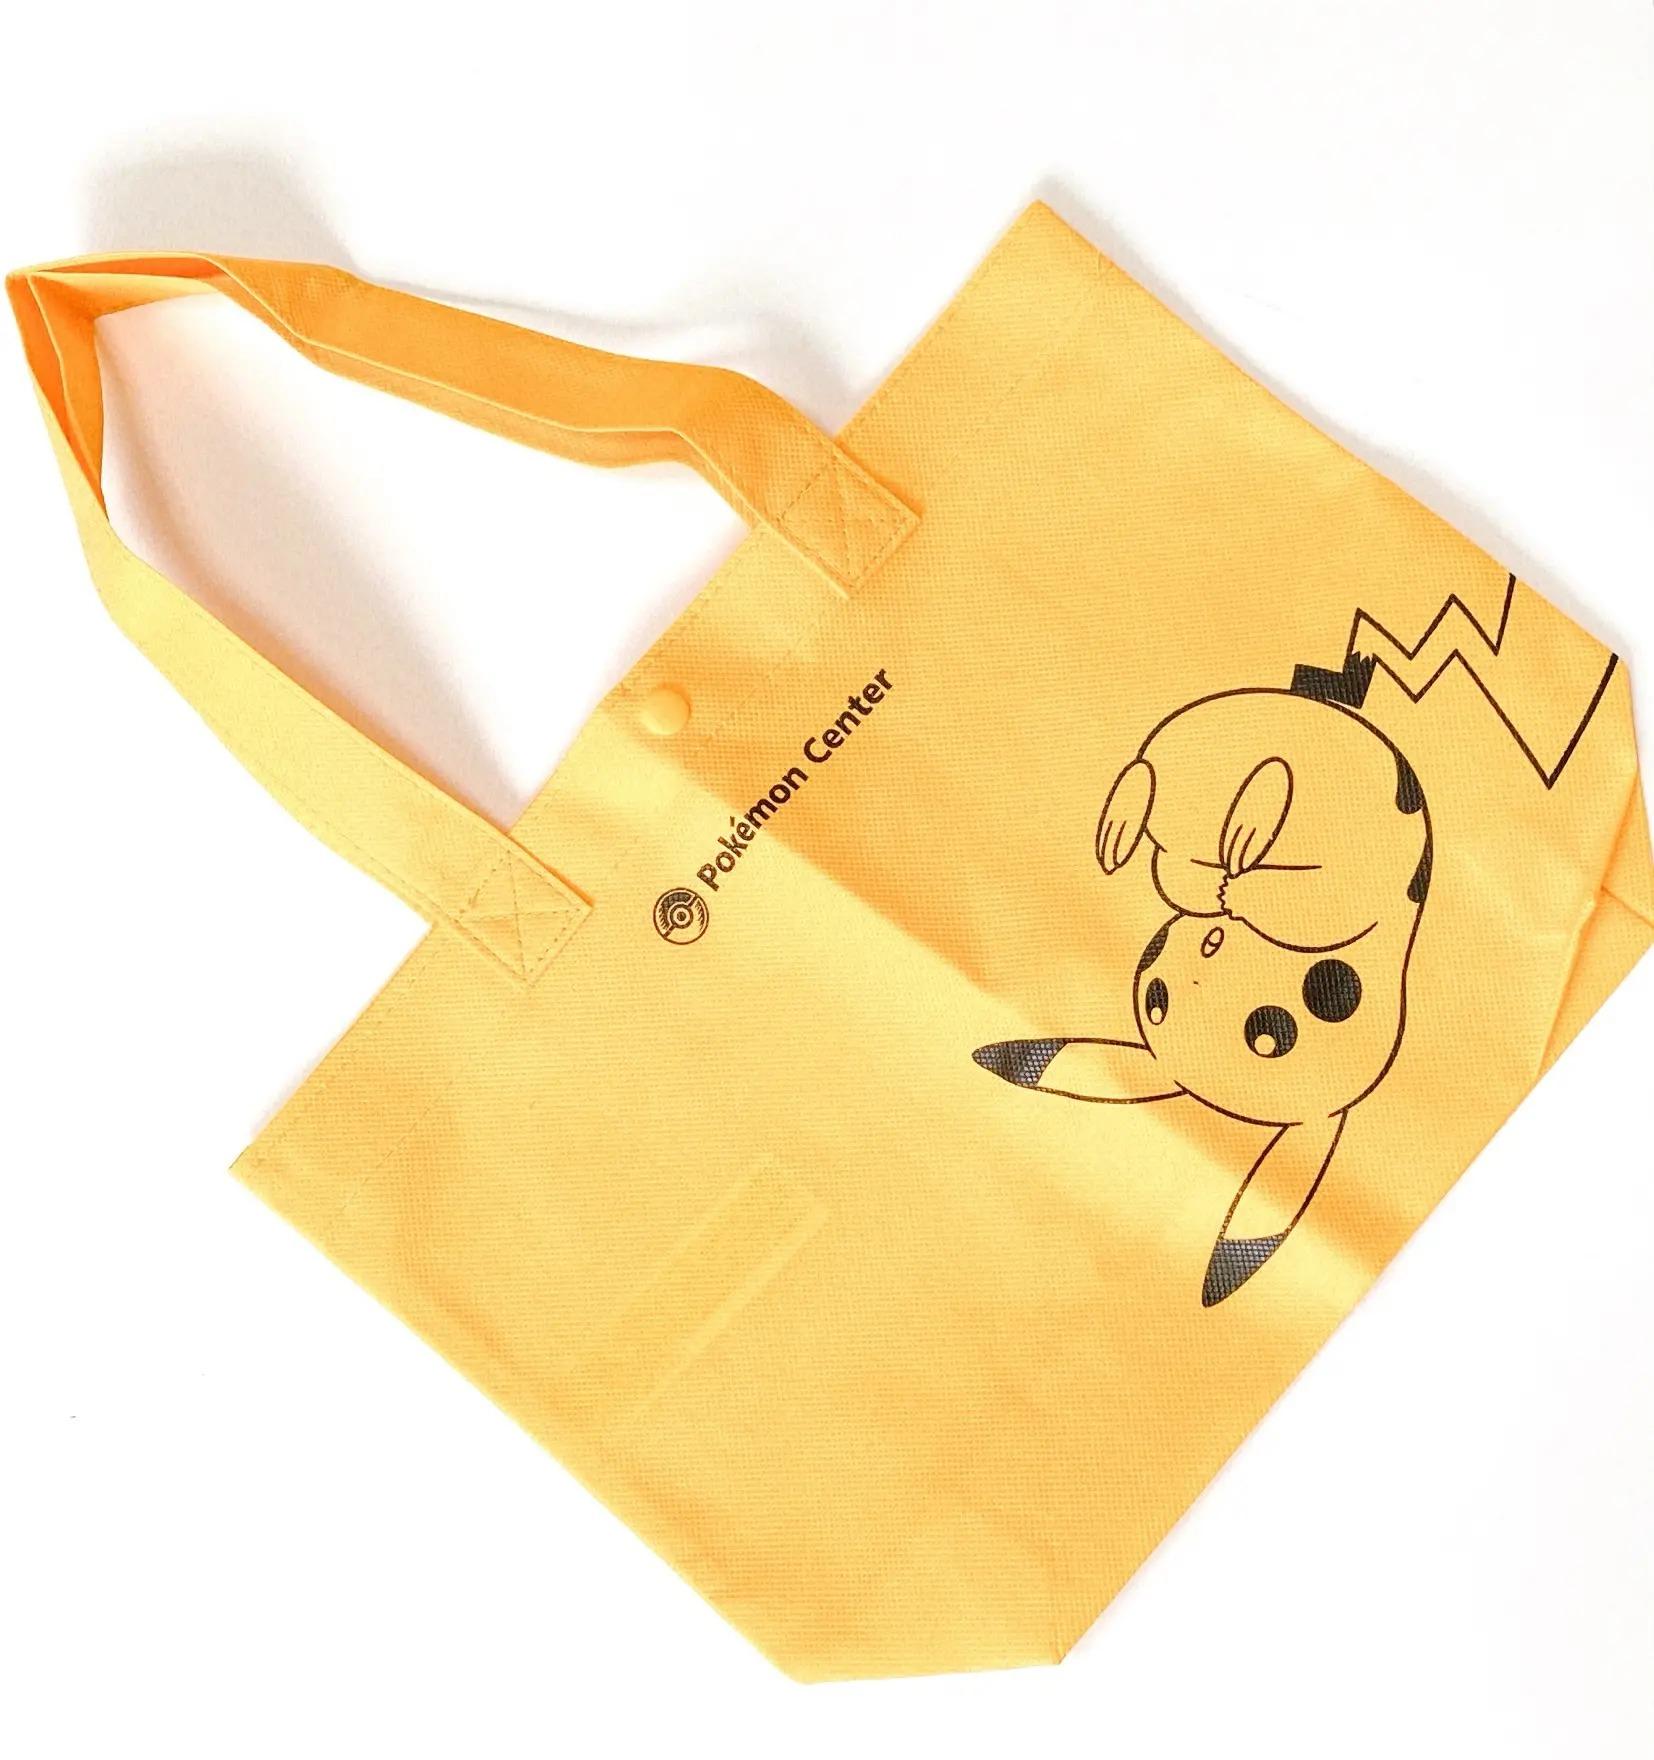 【働く女性のエコバッグまとめ】人気ブランドのおしゃれなバッグも♡ MOREインフルエンサーズのMyバッグ特集_18